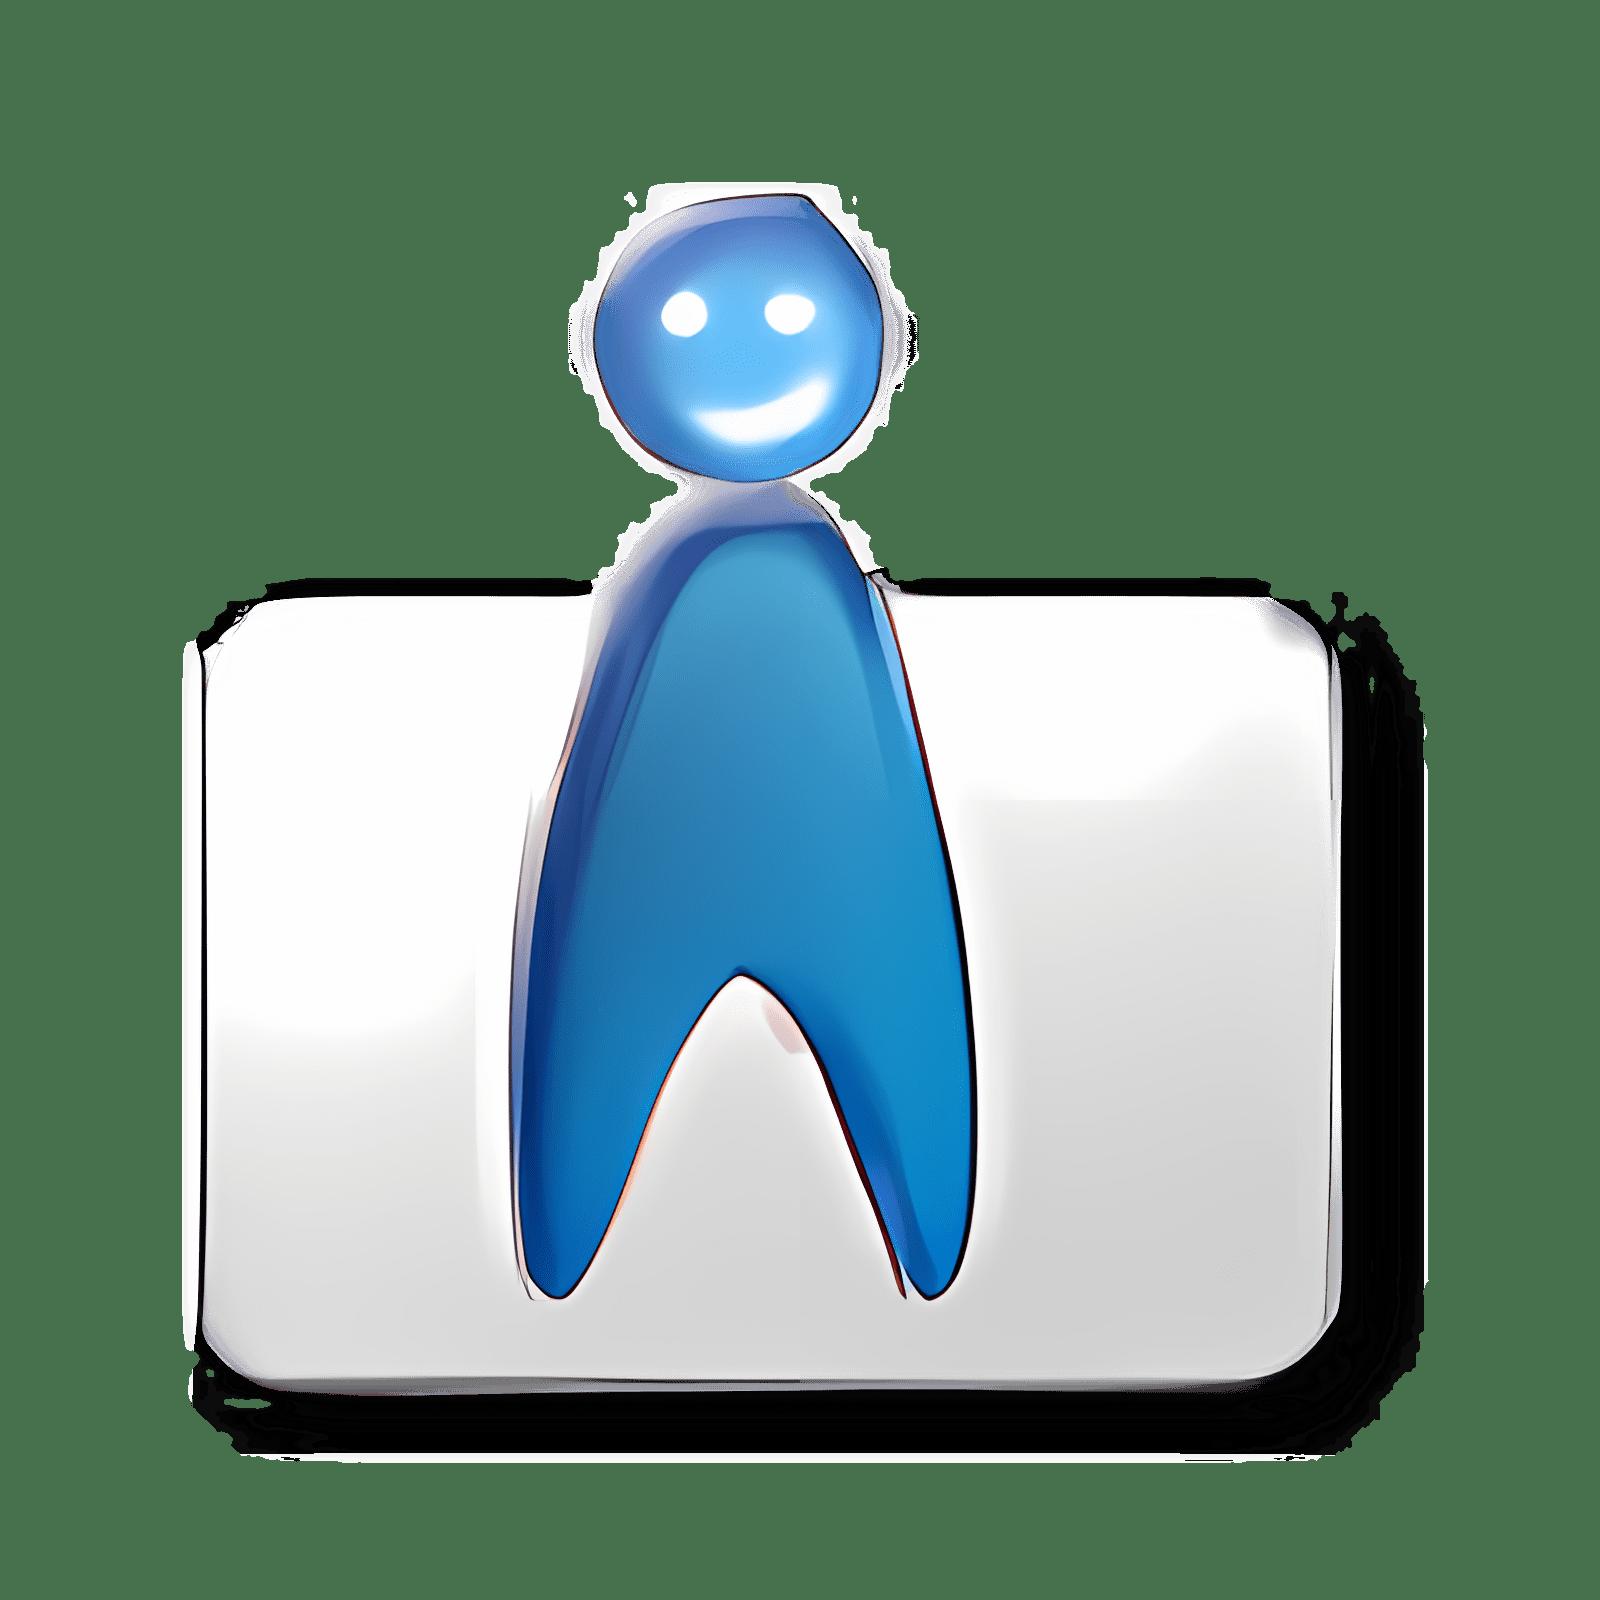 Delphish Technology by SaferSurf 2.3